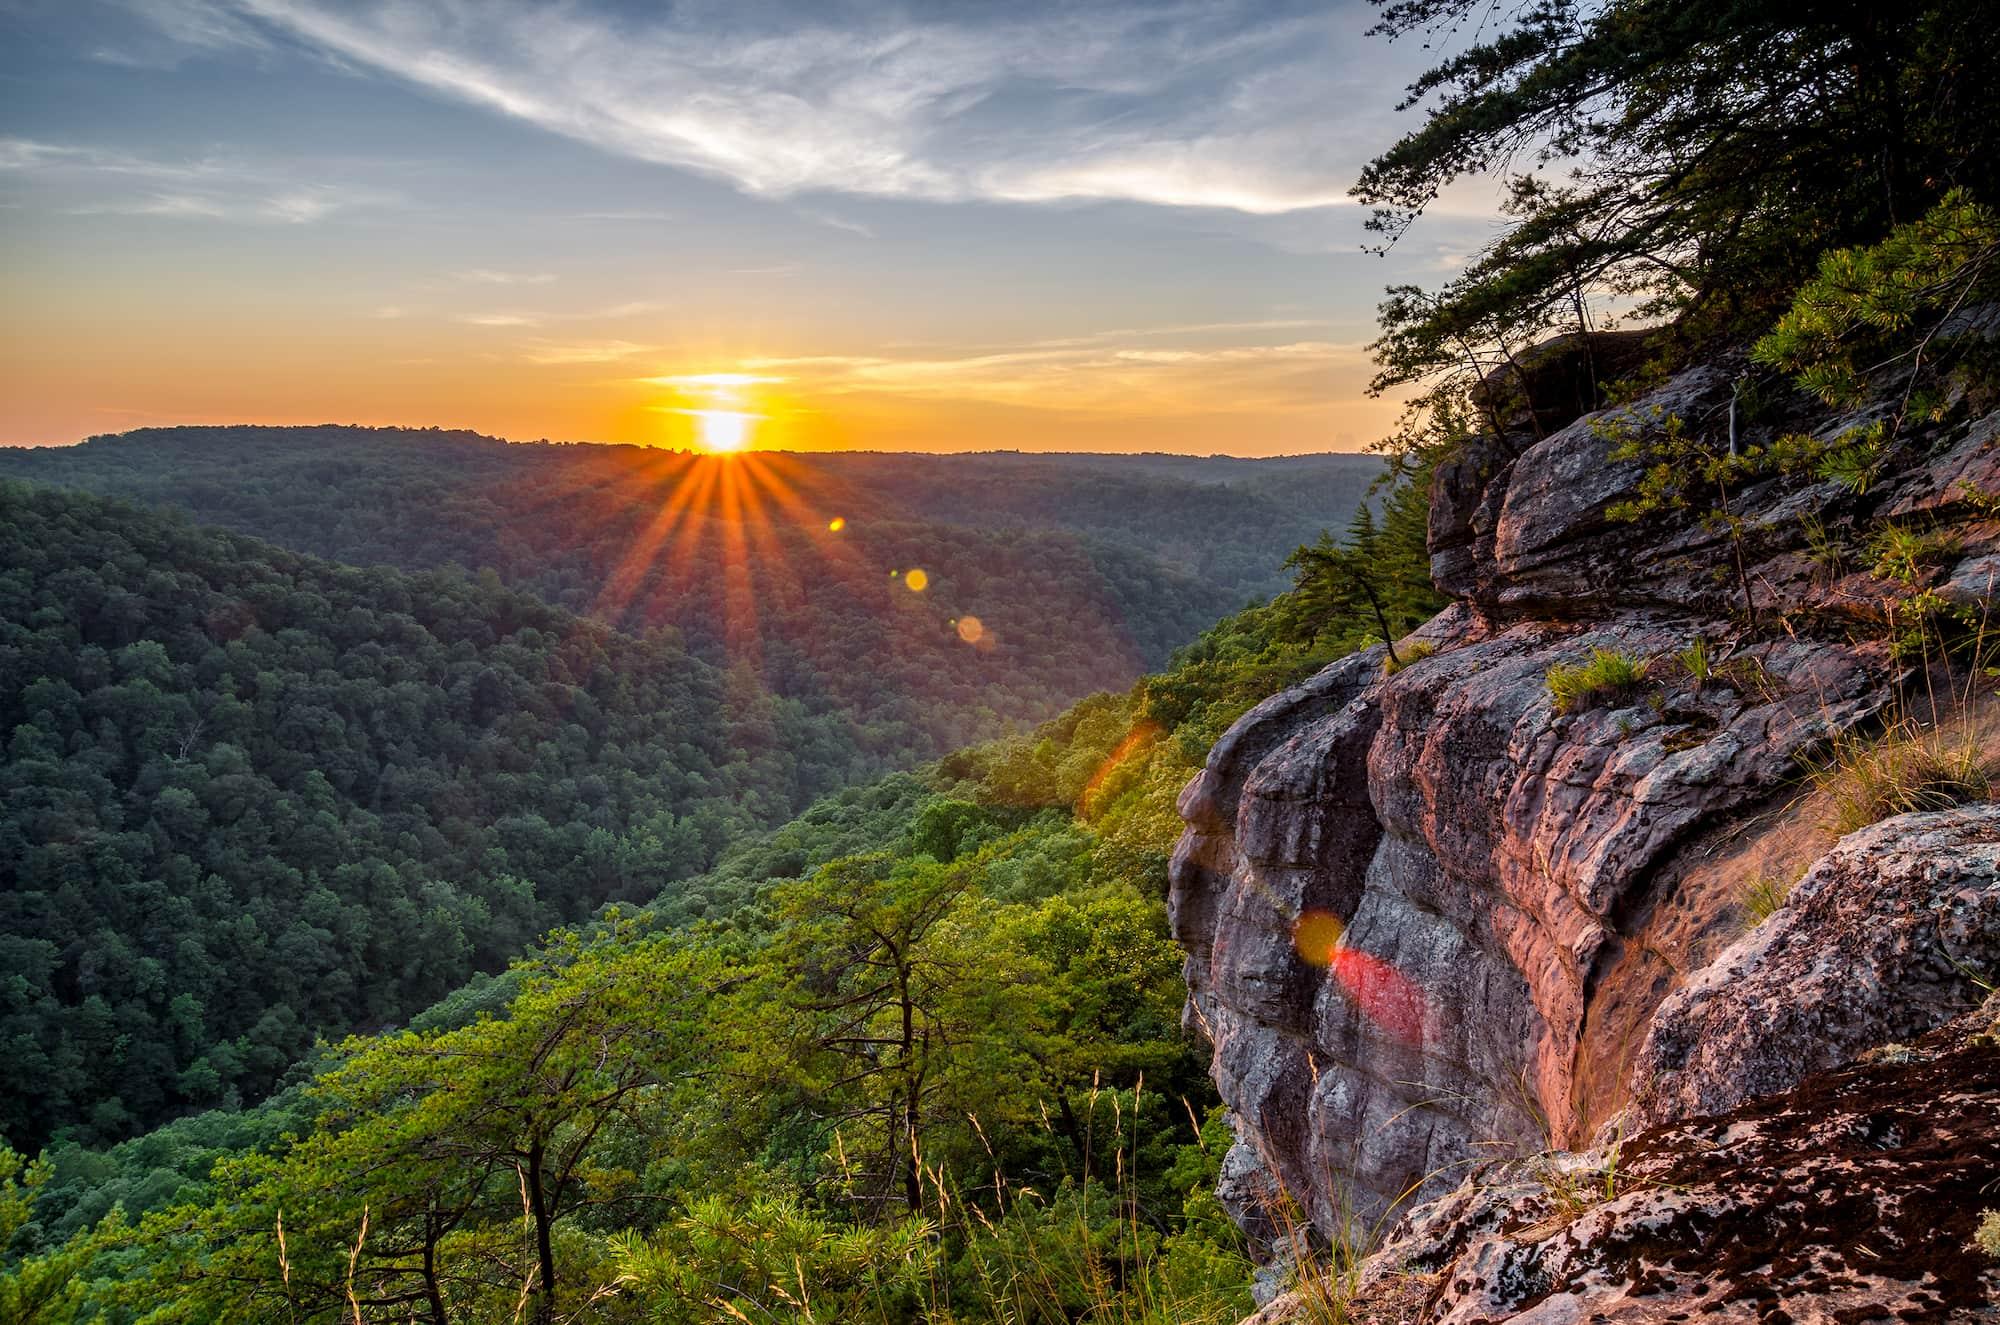 sunset over big south fork national river